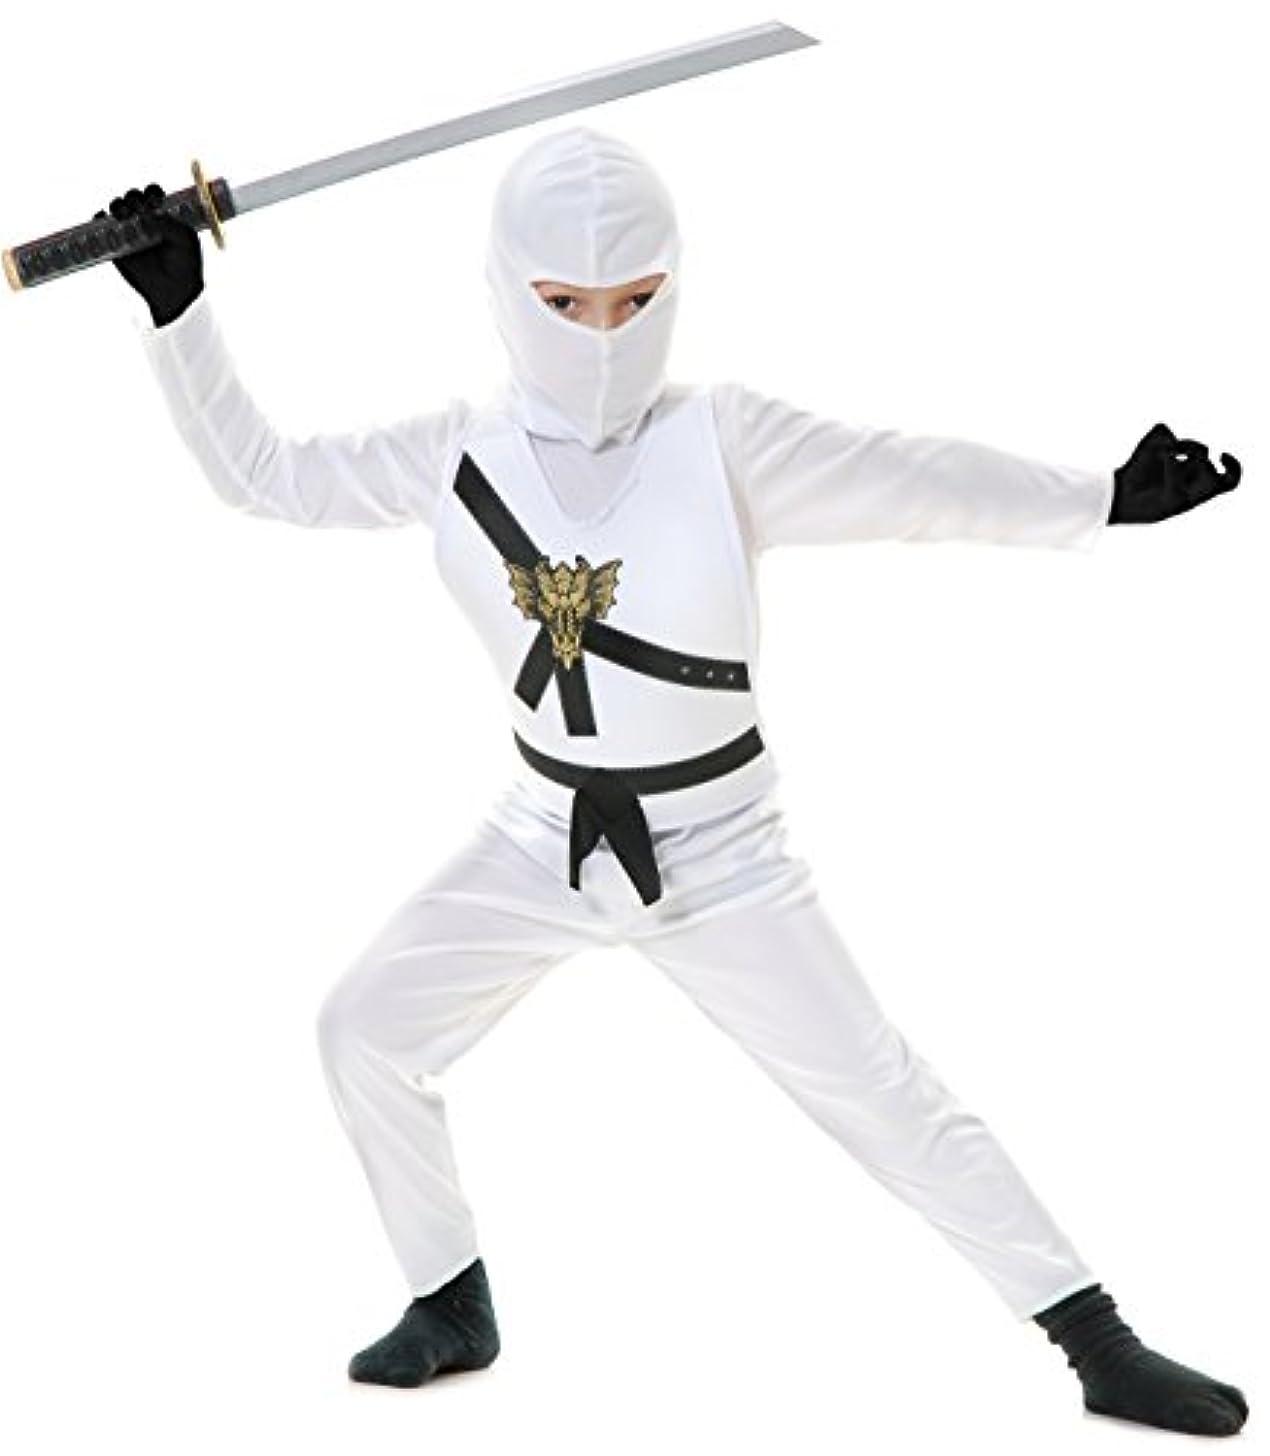 鉄道駅期待して小人White Ninja Avengers Series II Toddler/Child Costume 白忍者アベンジャーズシリーズIIの幼児/子供の衣装?ハロウィン?Sサイズ